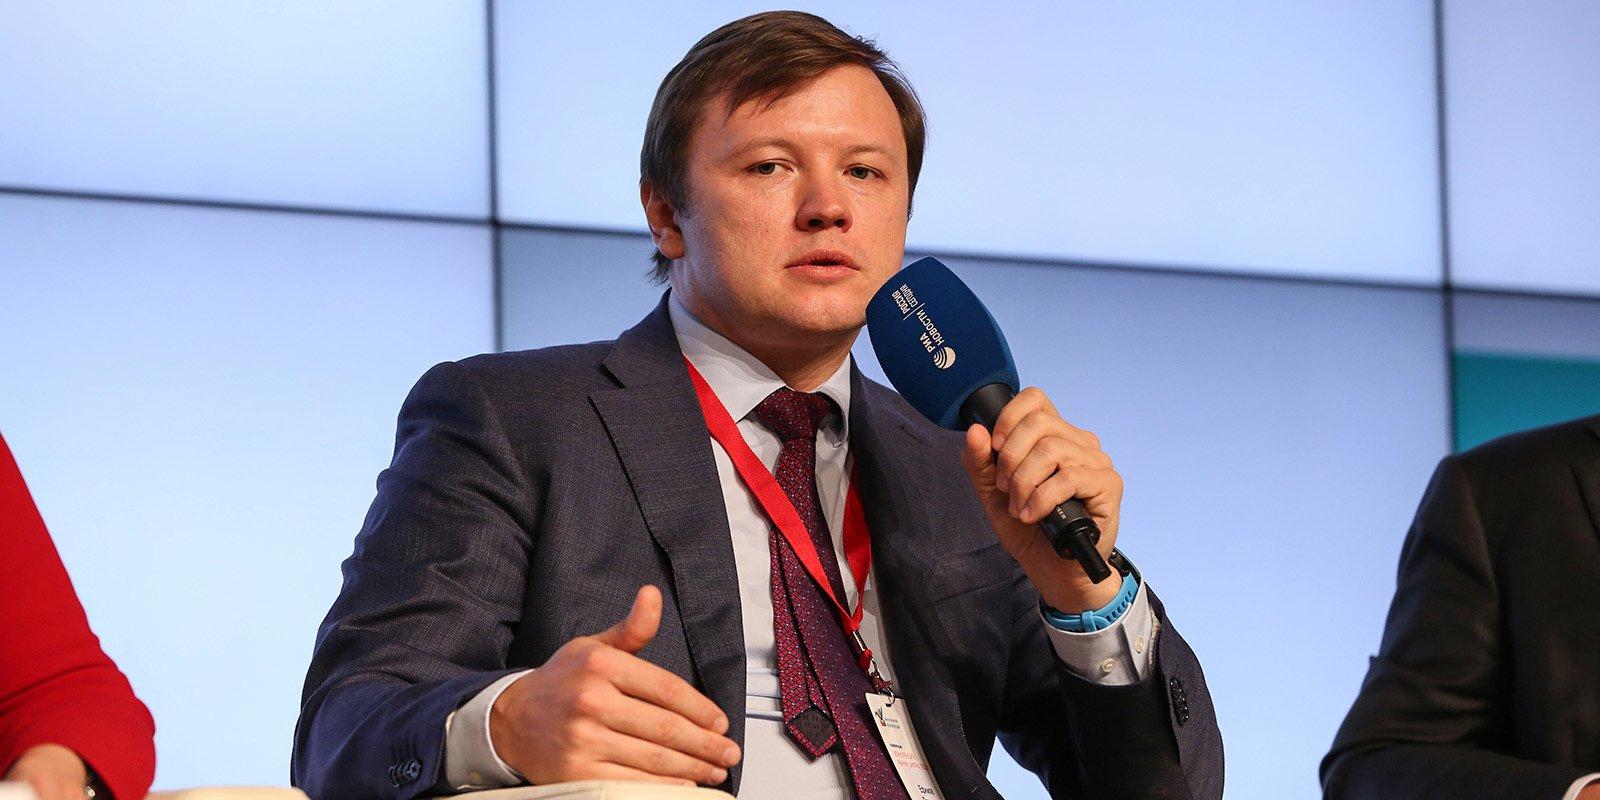 Владимир Ефимов, заместитель Мэра Москвы по вопросам экономической политики и имущественно-земельным отношениям